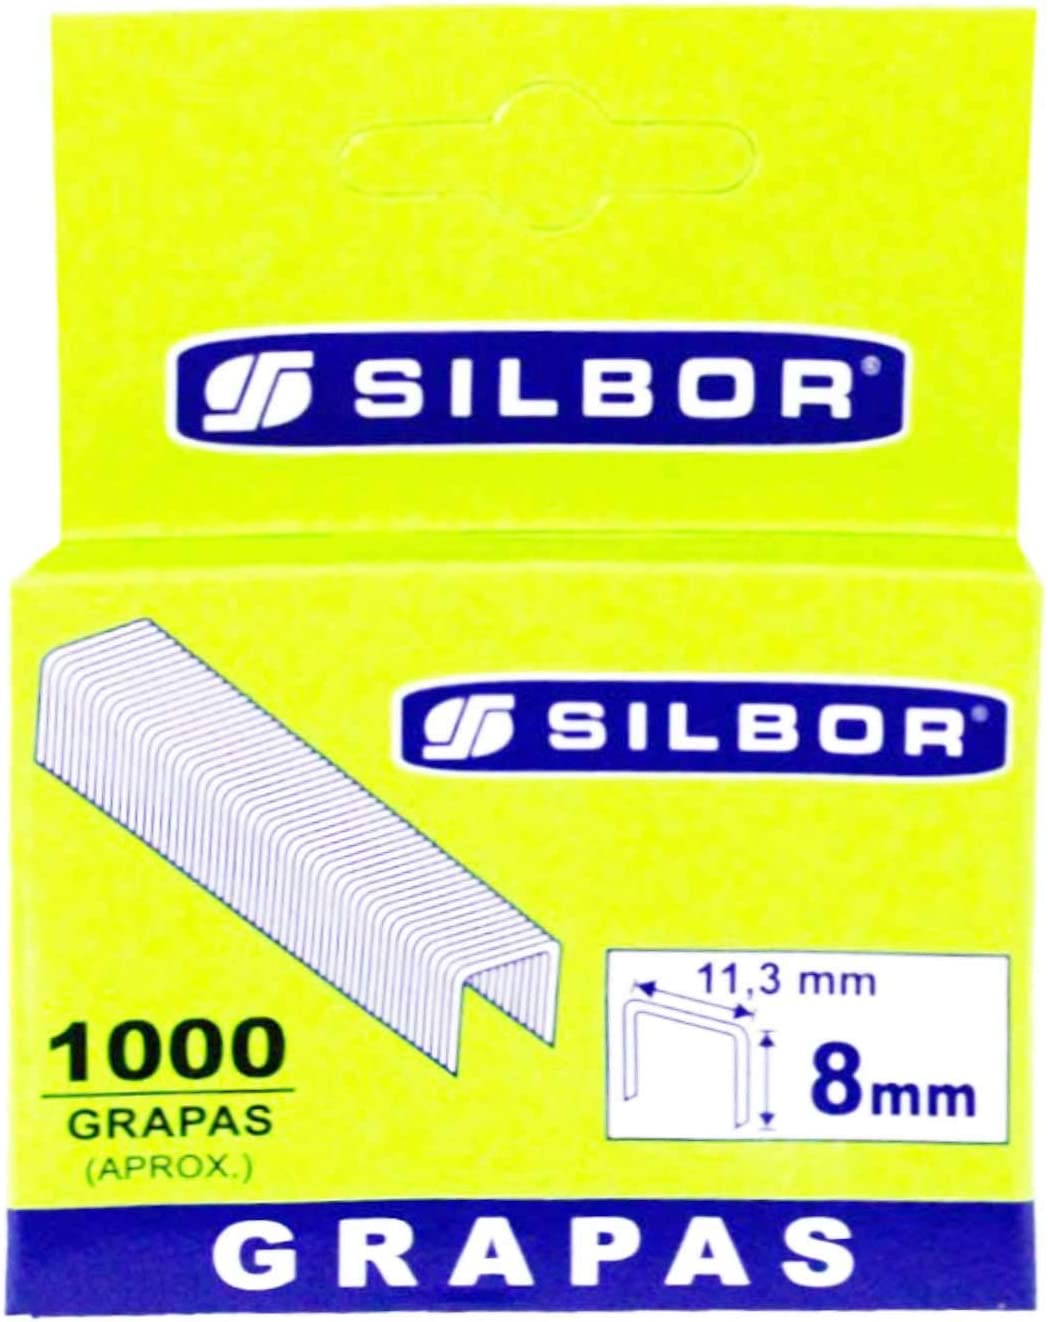 Grapas de 10 mm Silbor